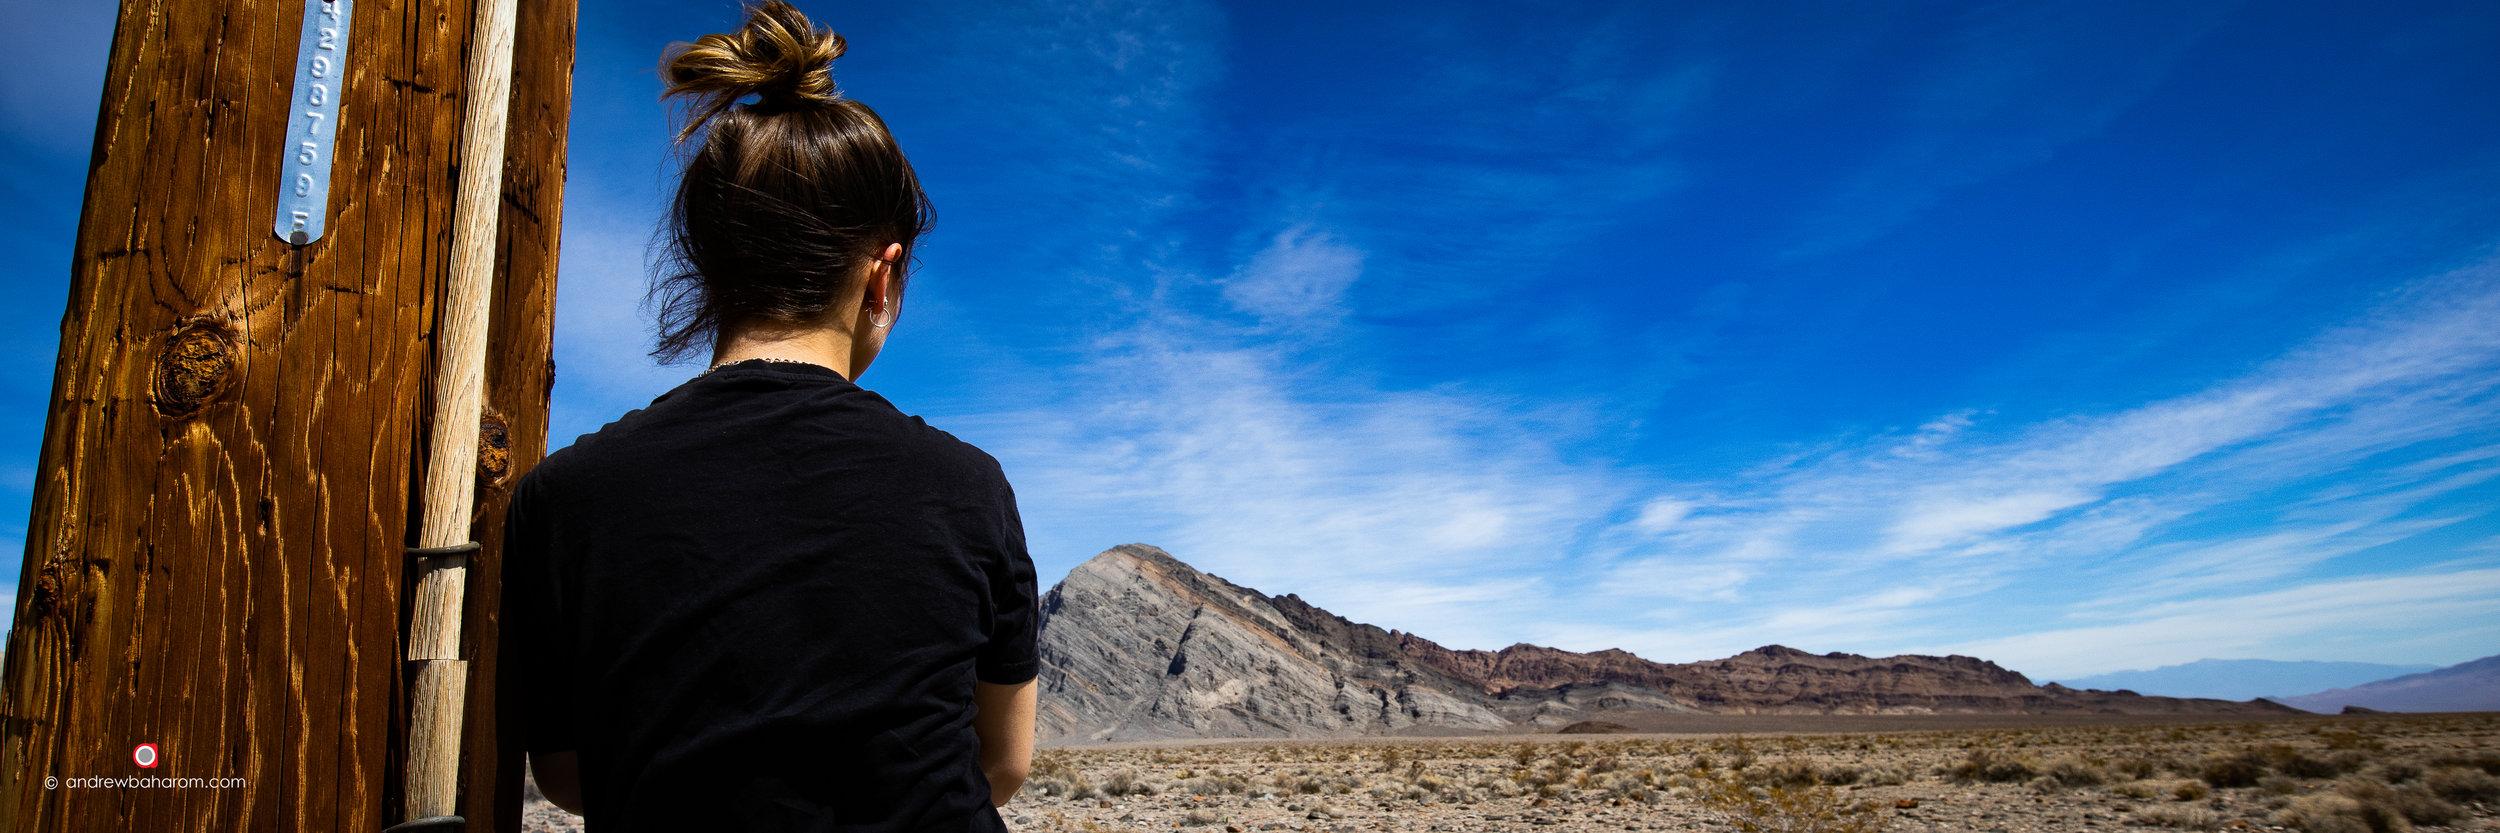 Charlotte in Death Valley.jpg